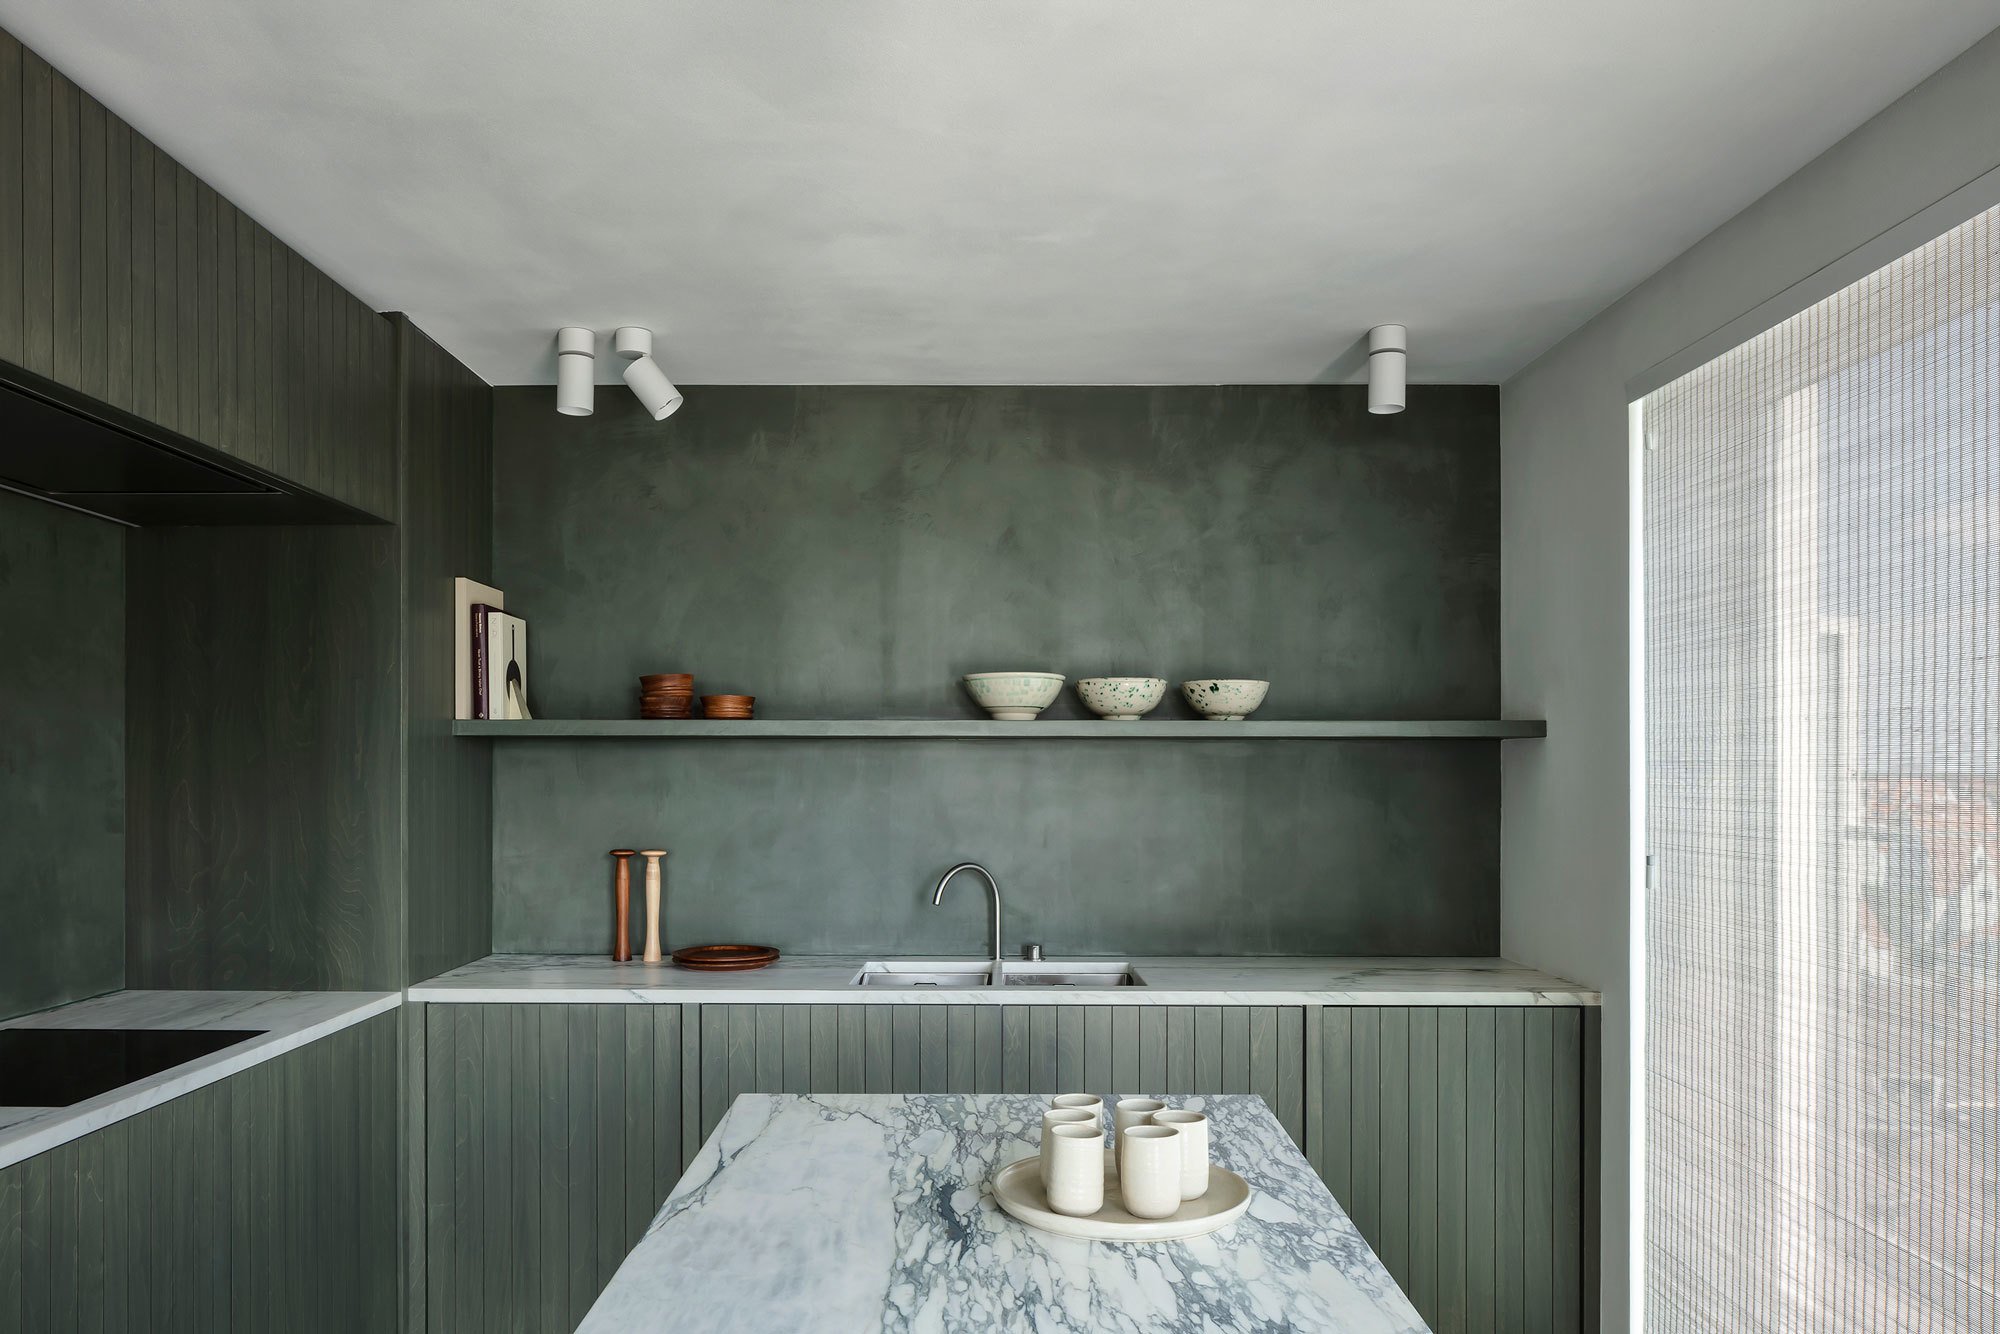 Küche des Apartments in Belgien von Carmine Van Der Linden und Thomas Geldof